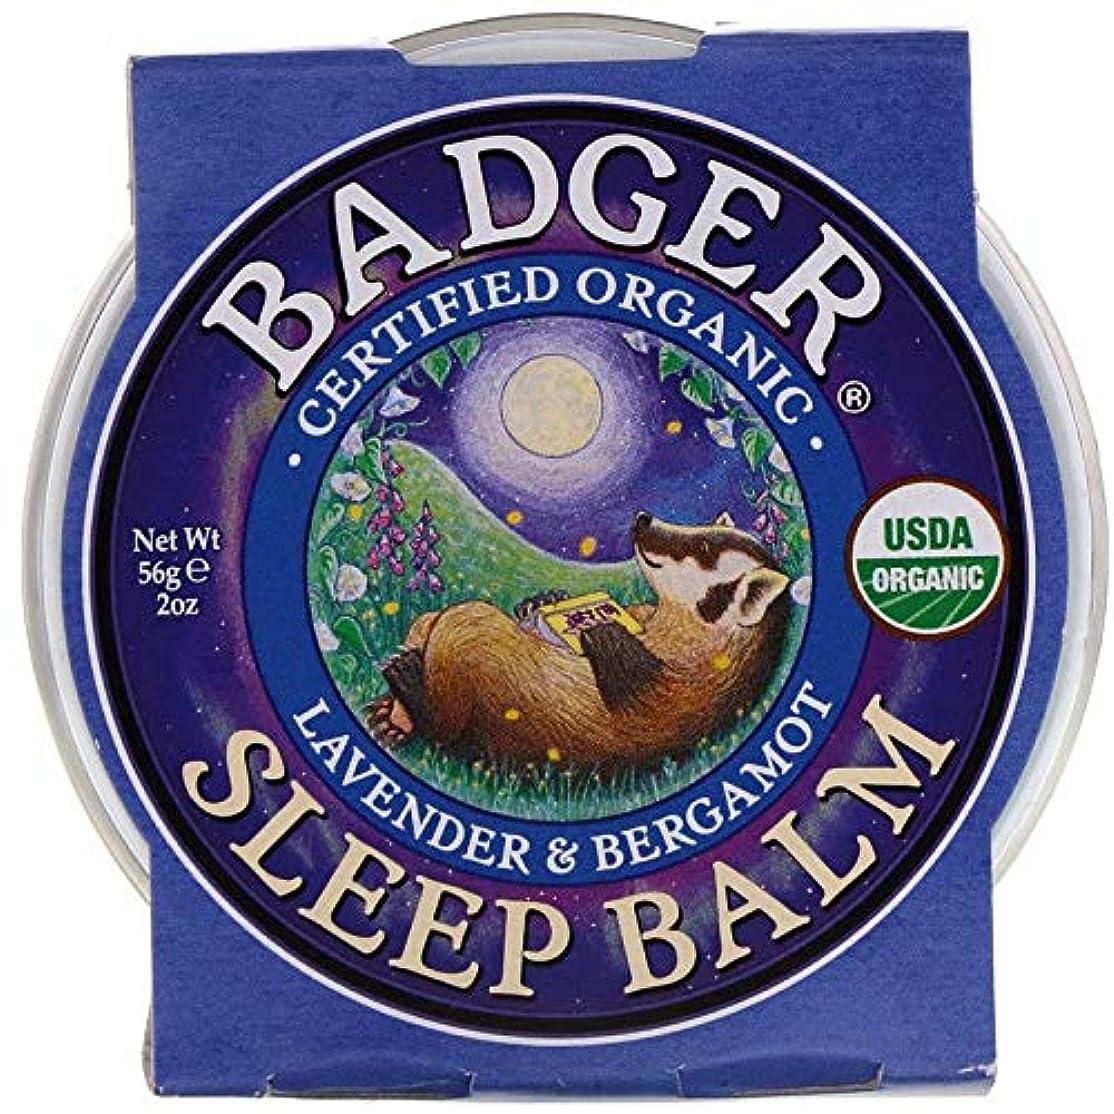 海外何か去るバジャー リラックスバームLavender & Bergamot, 2 oz (56 g) - 2Packs